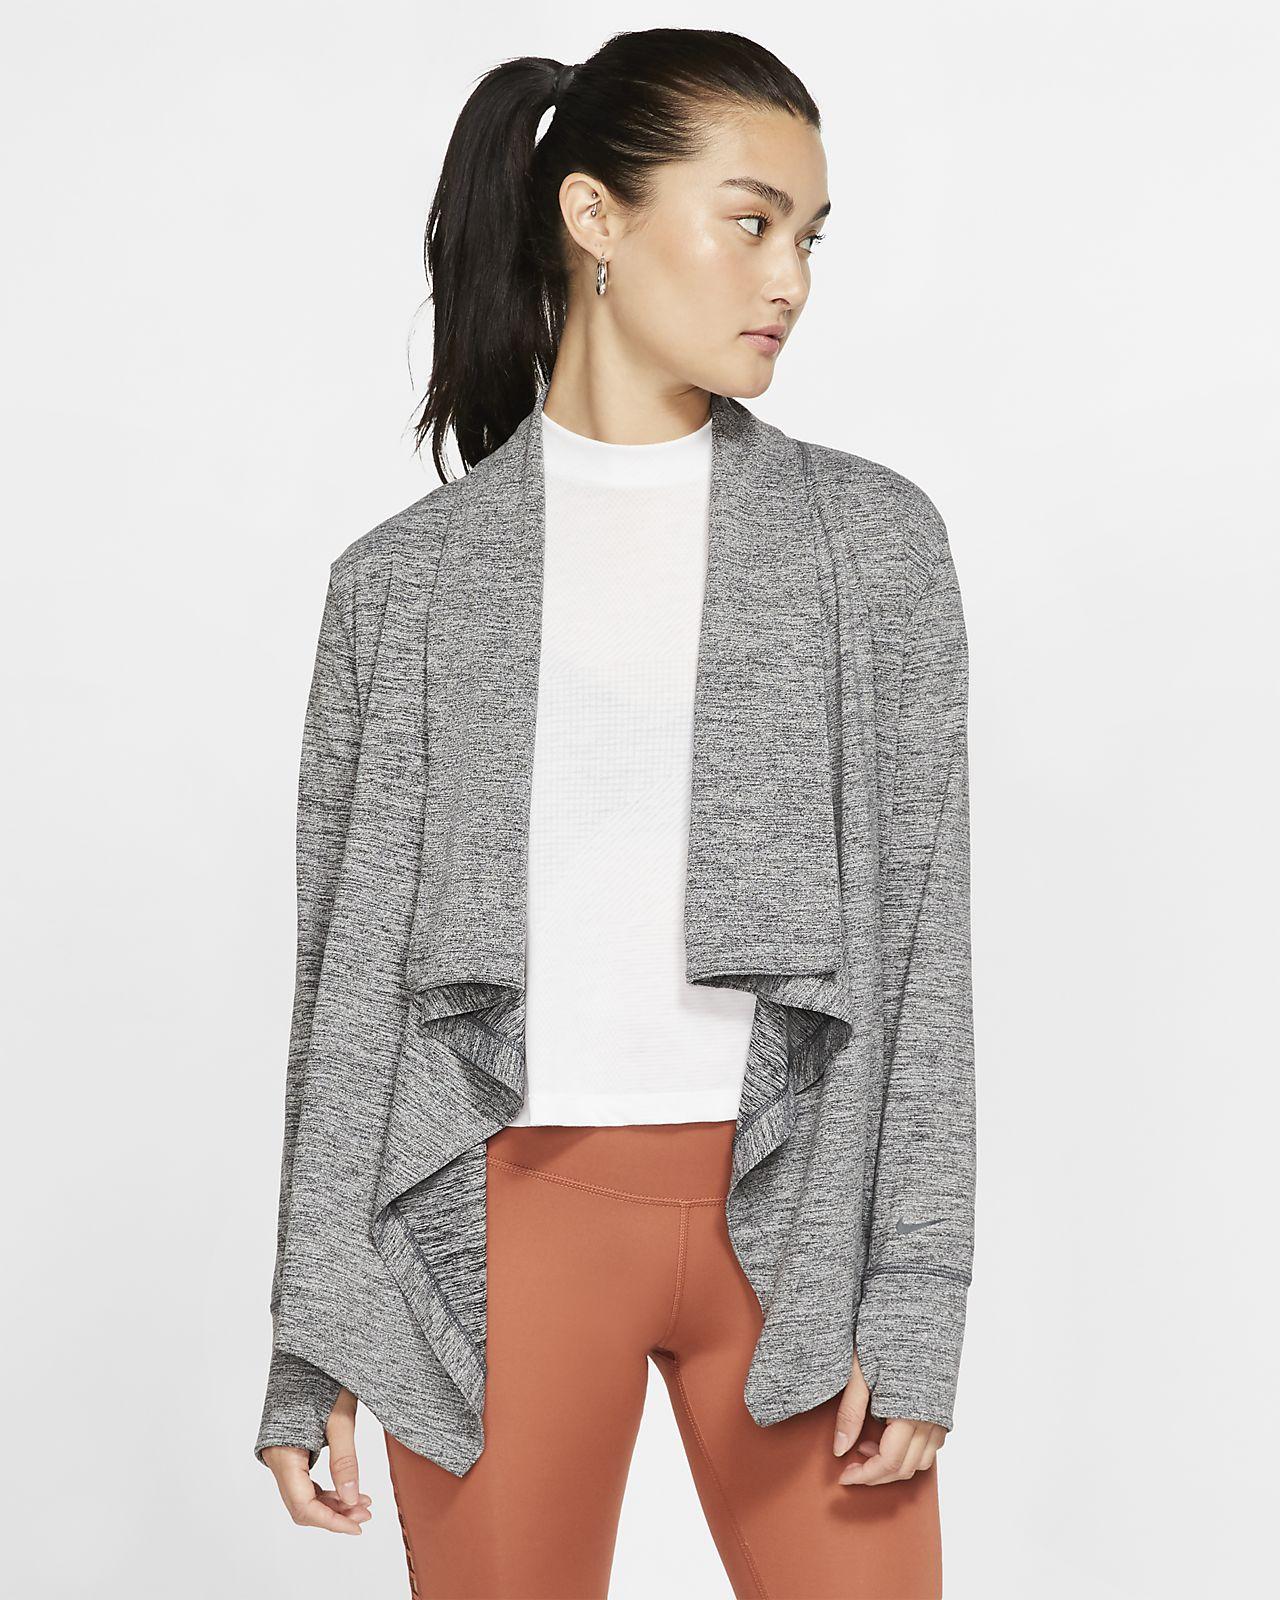 Nike Yoga 女子长袖上衣